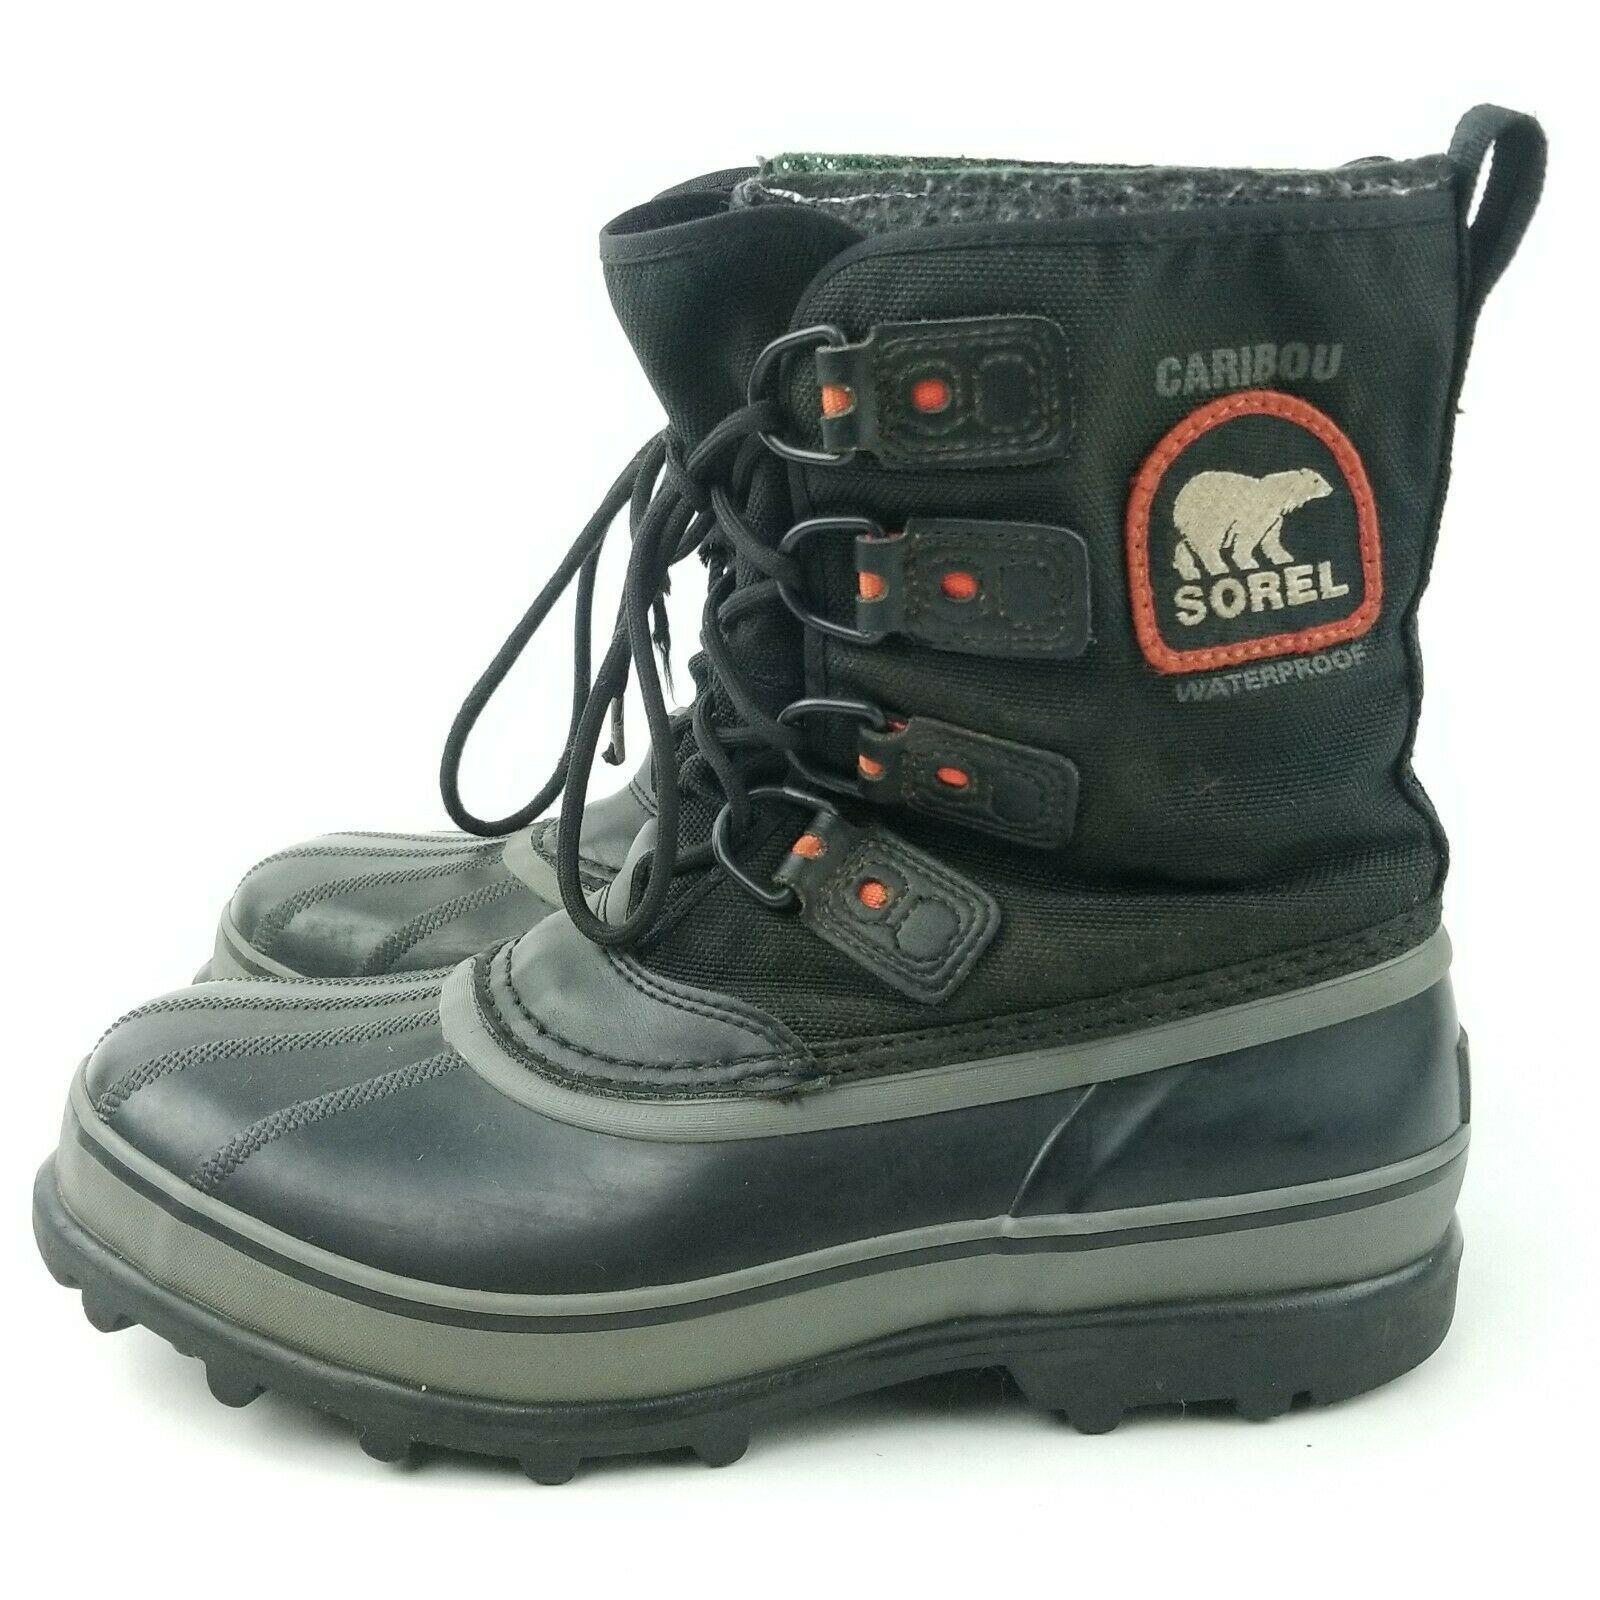 5ca63cd10e5 Sorel Men's Winter Caribou Boots XT SZ 8 and 50 similar items